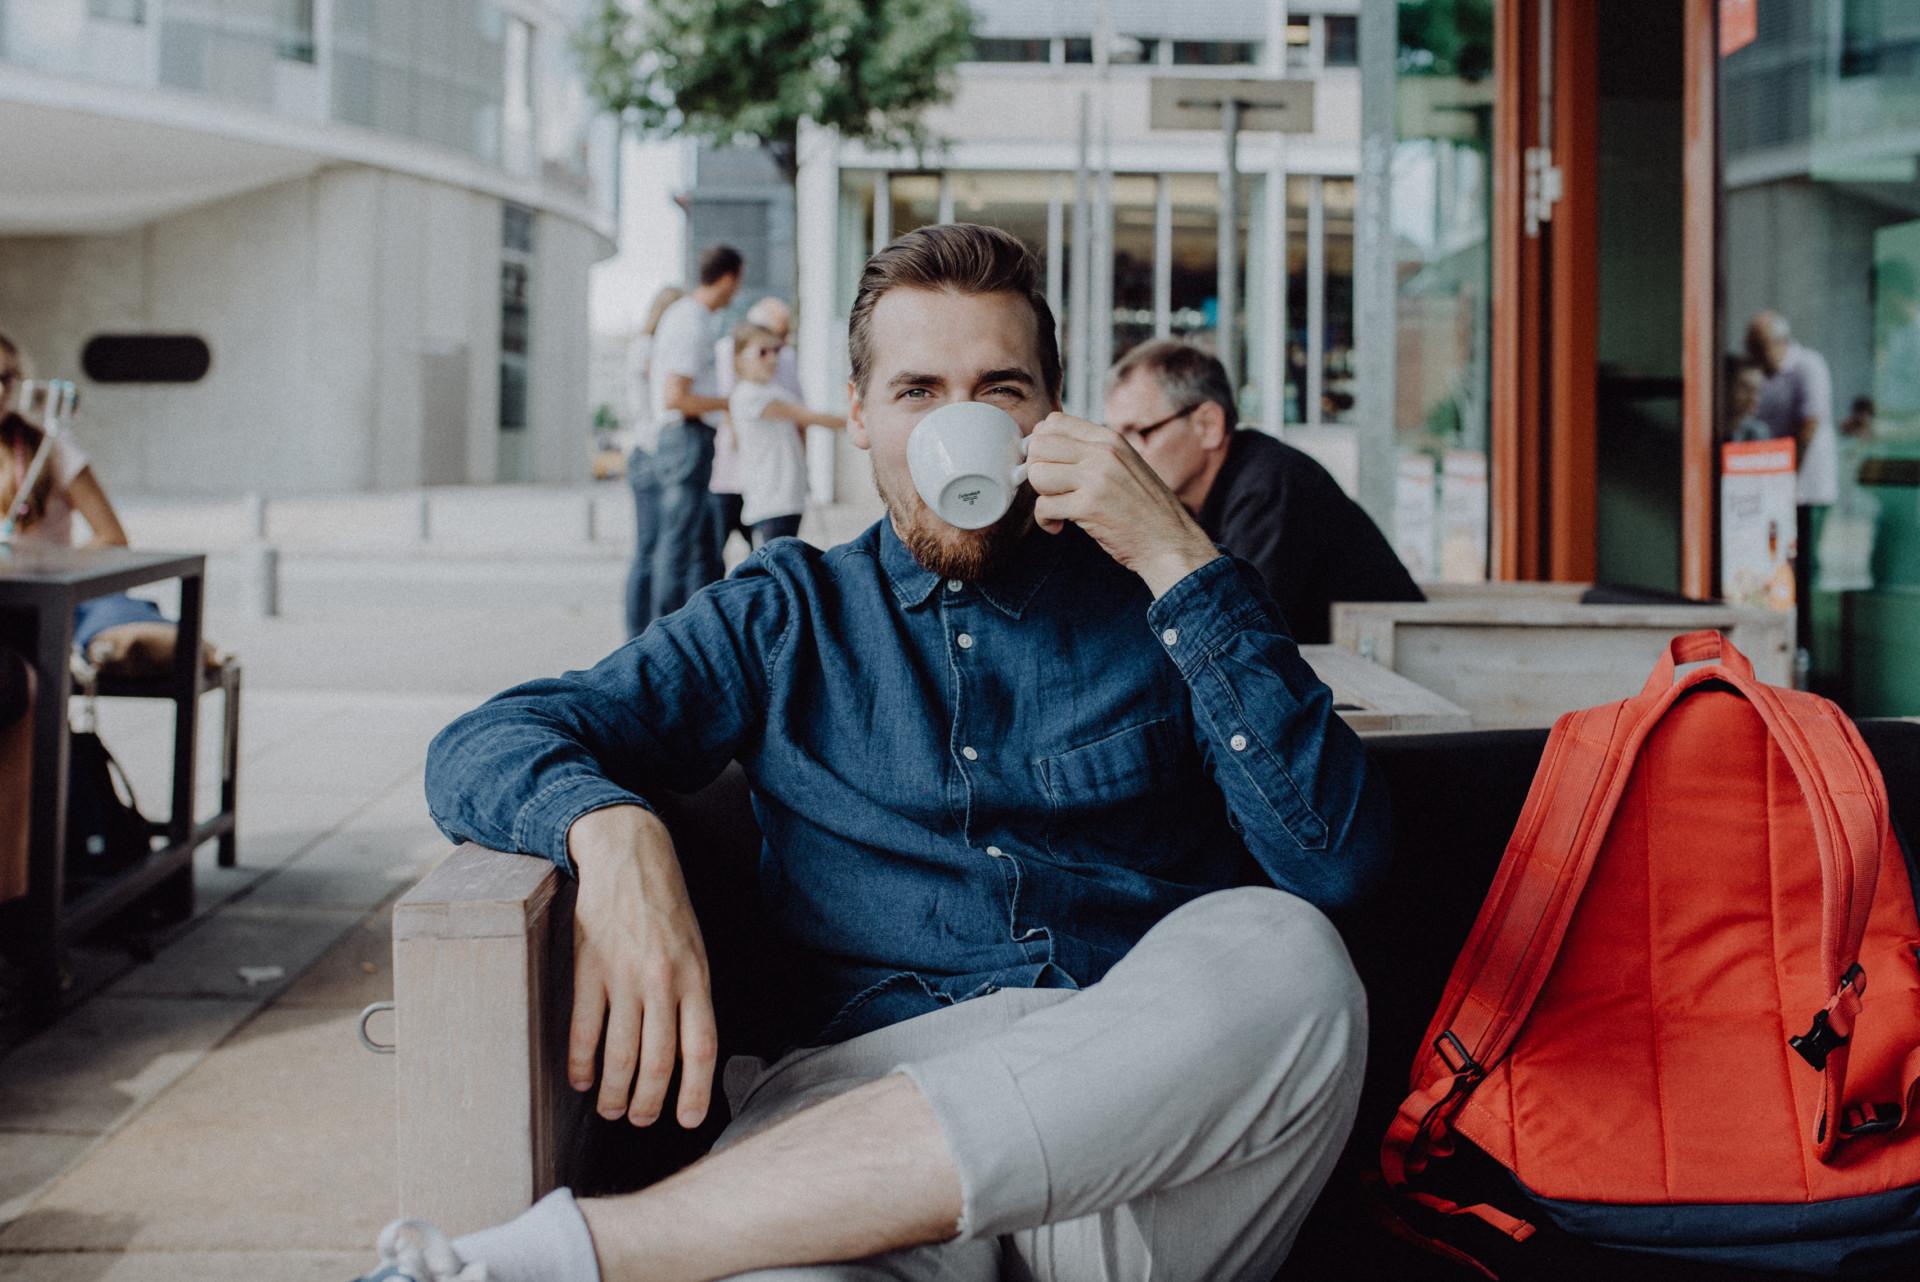 Weinbrandt. | Photographer MORITZ